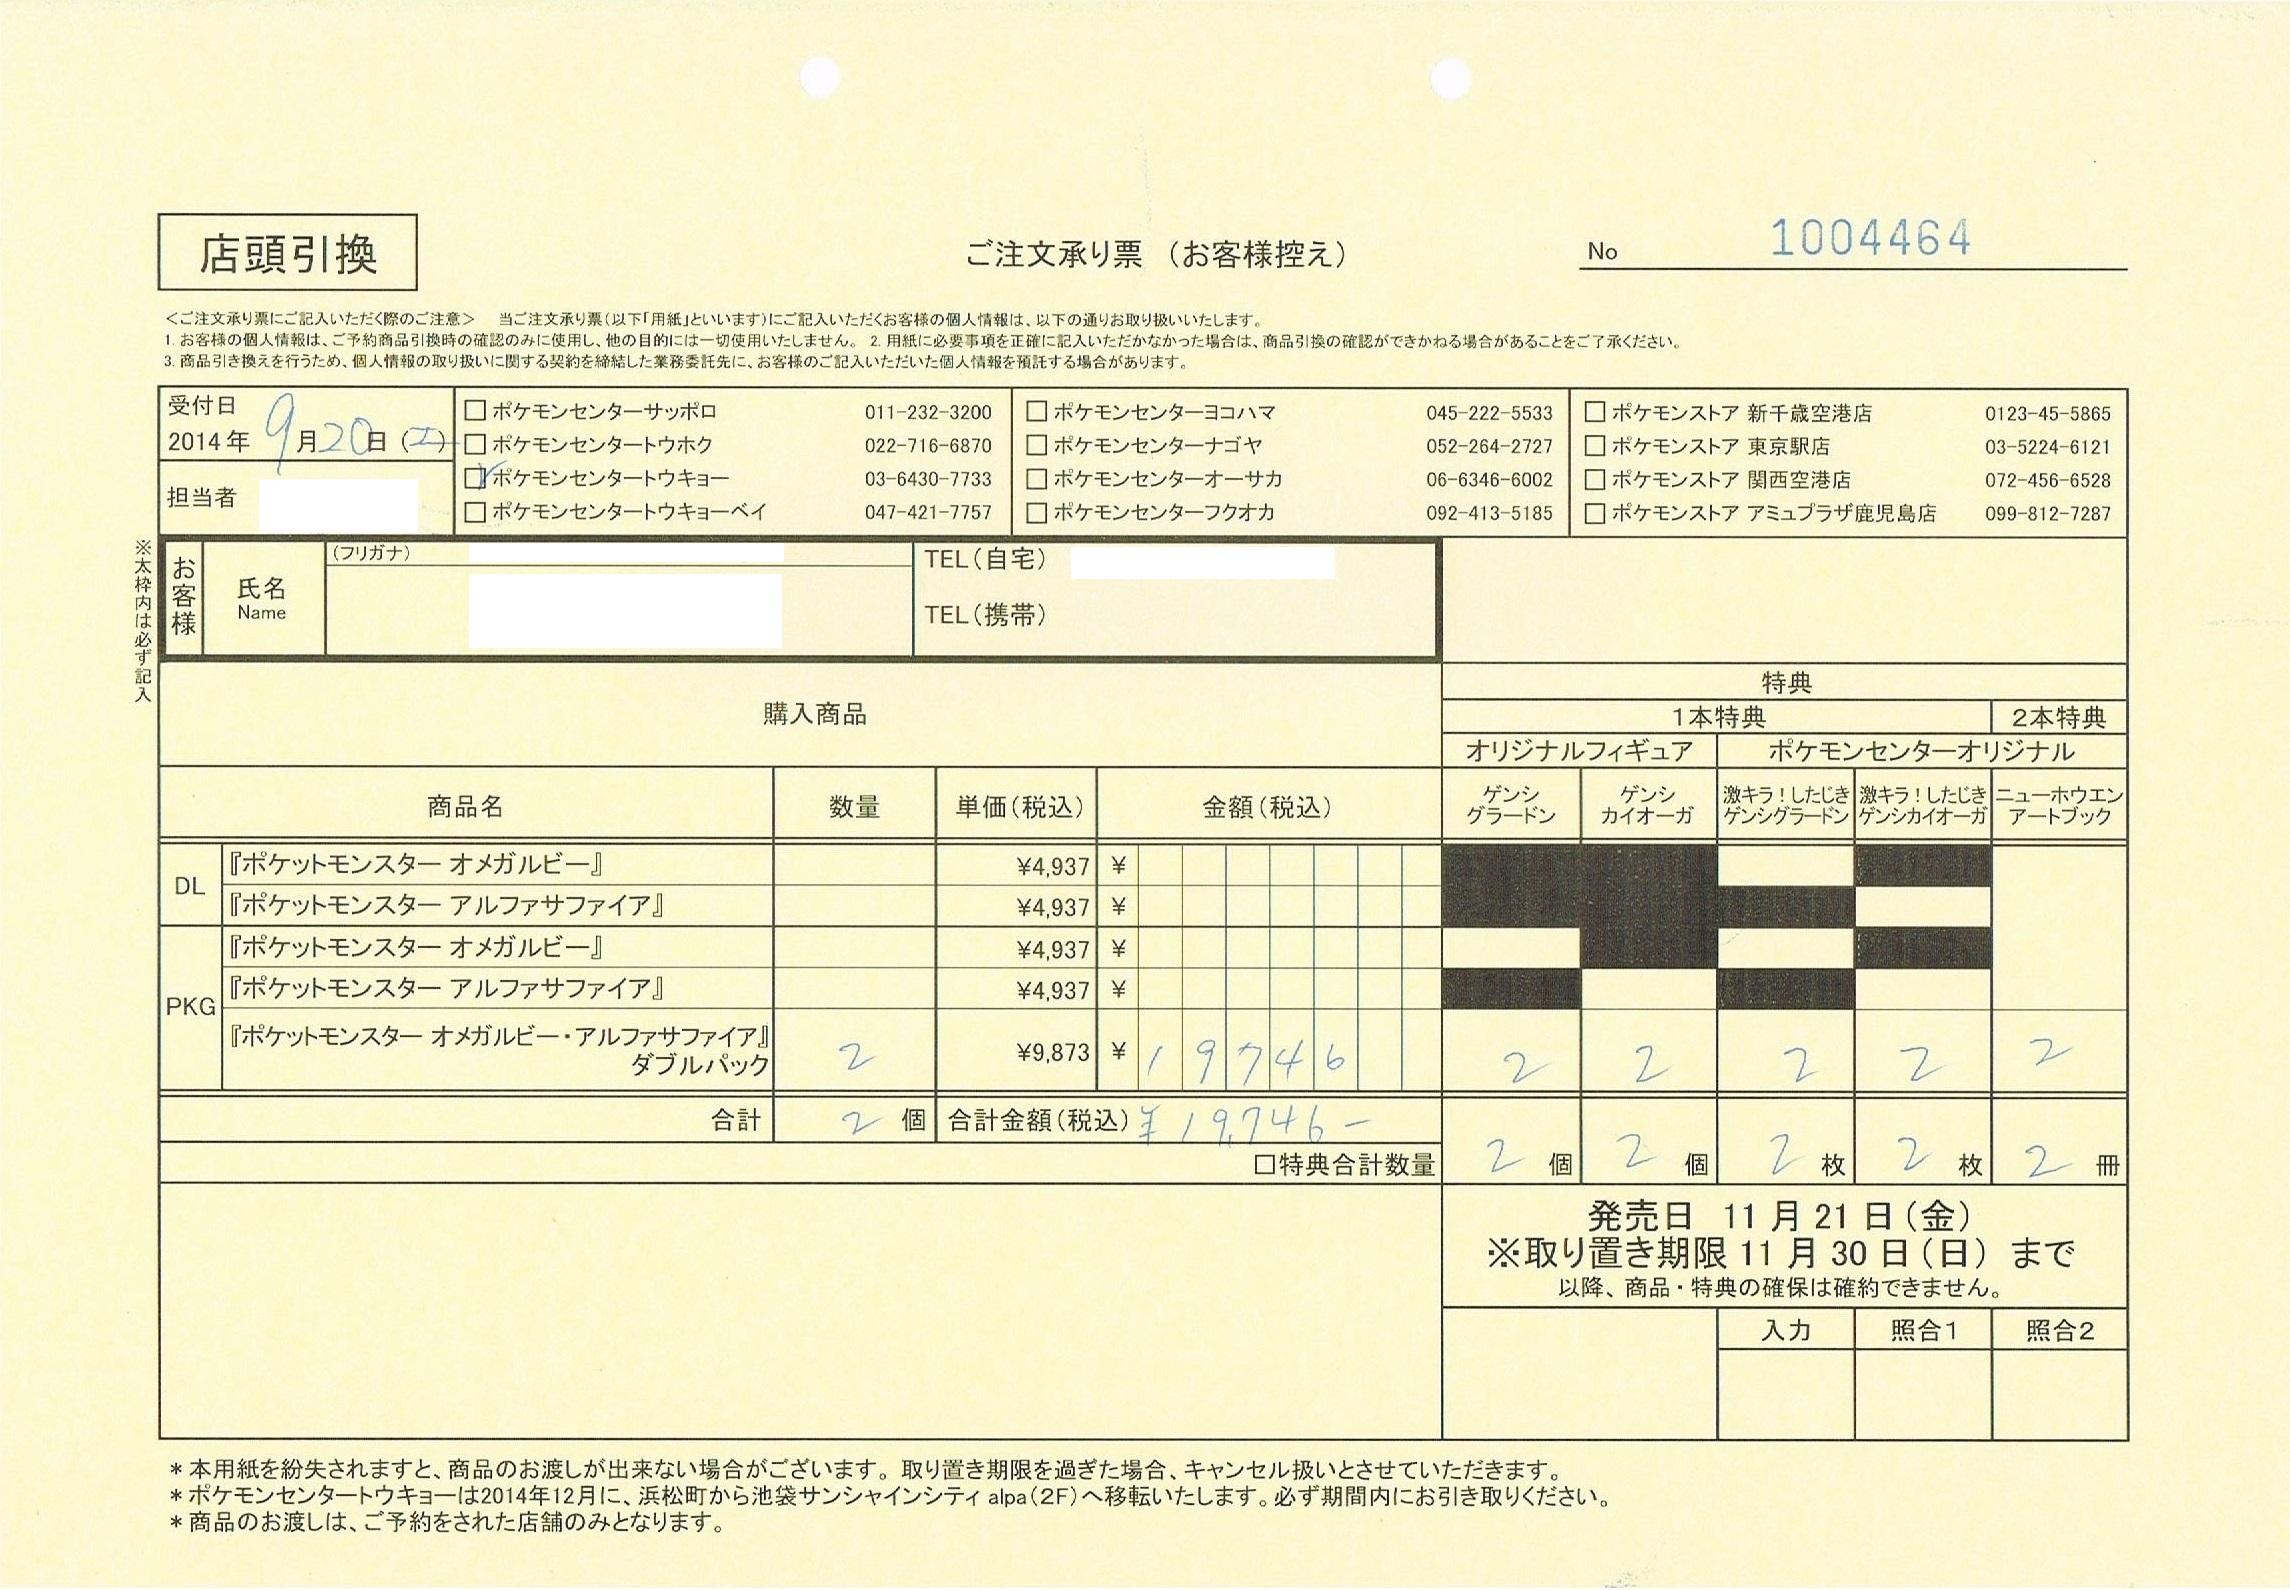 f:id:asami-1120:20141208034545j:image:w450